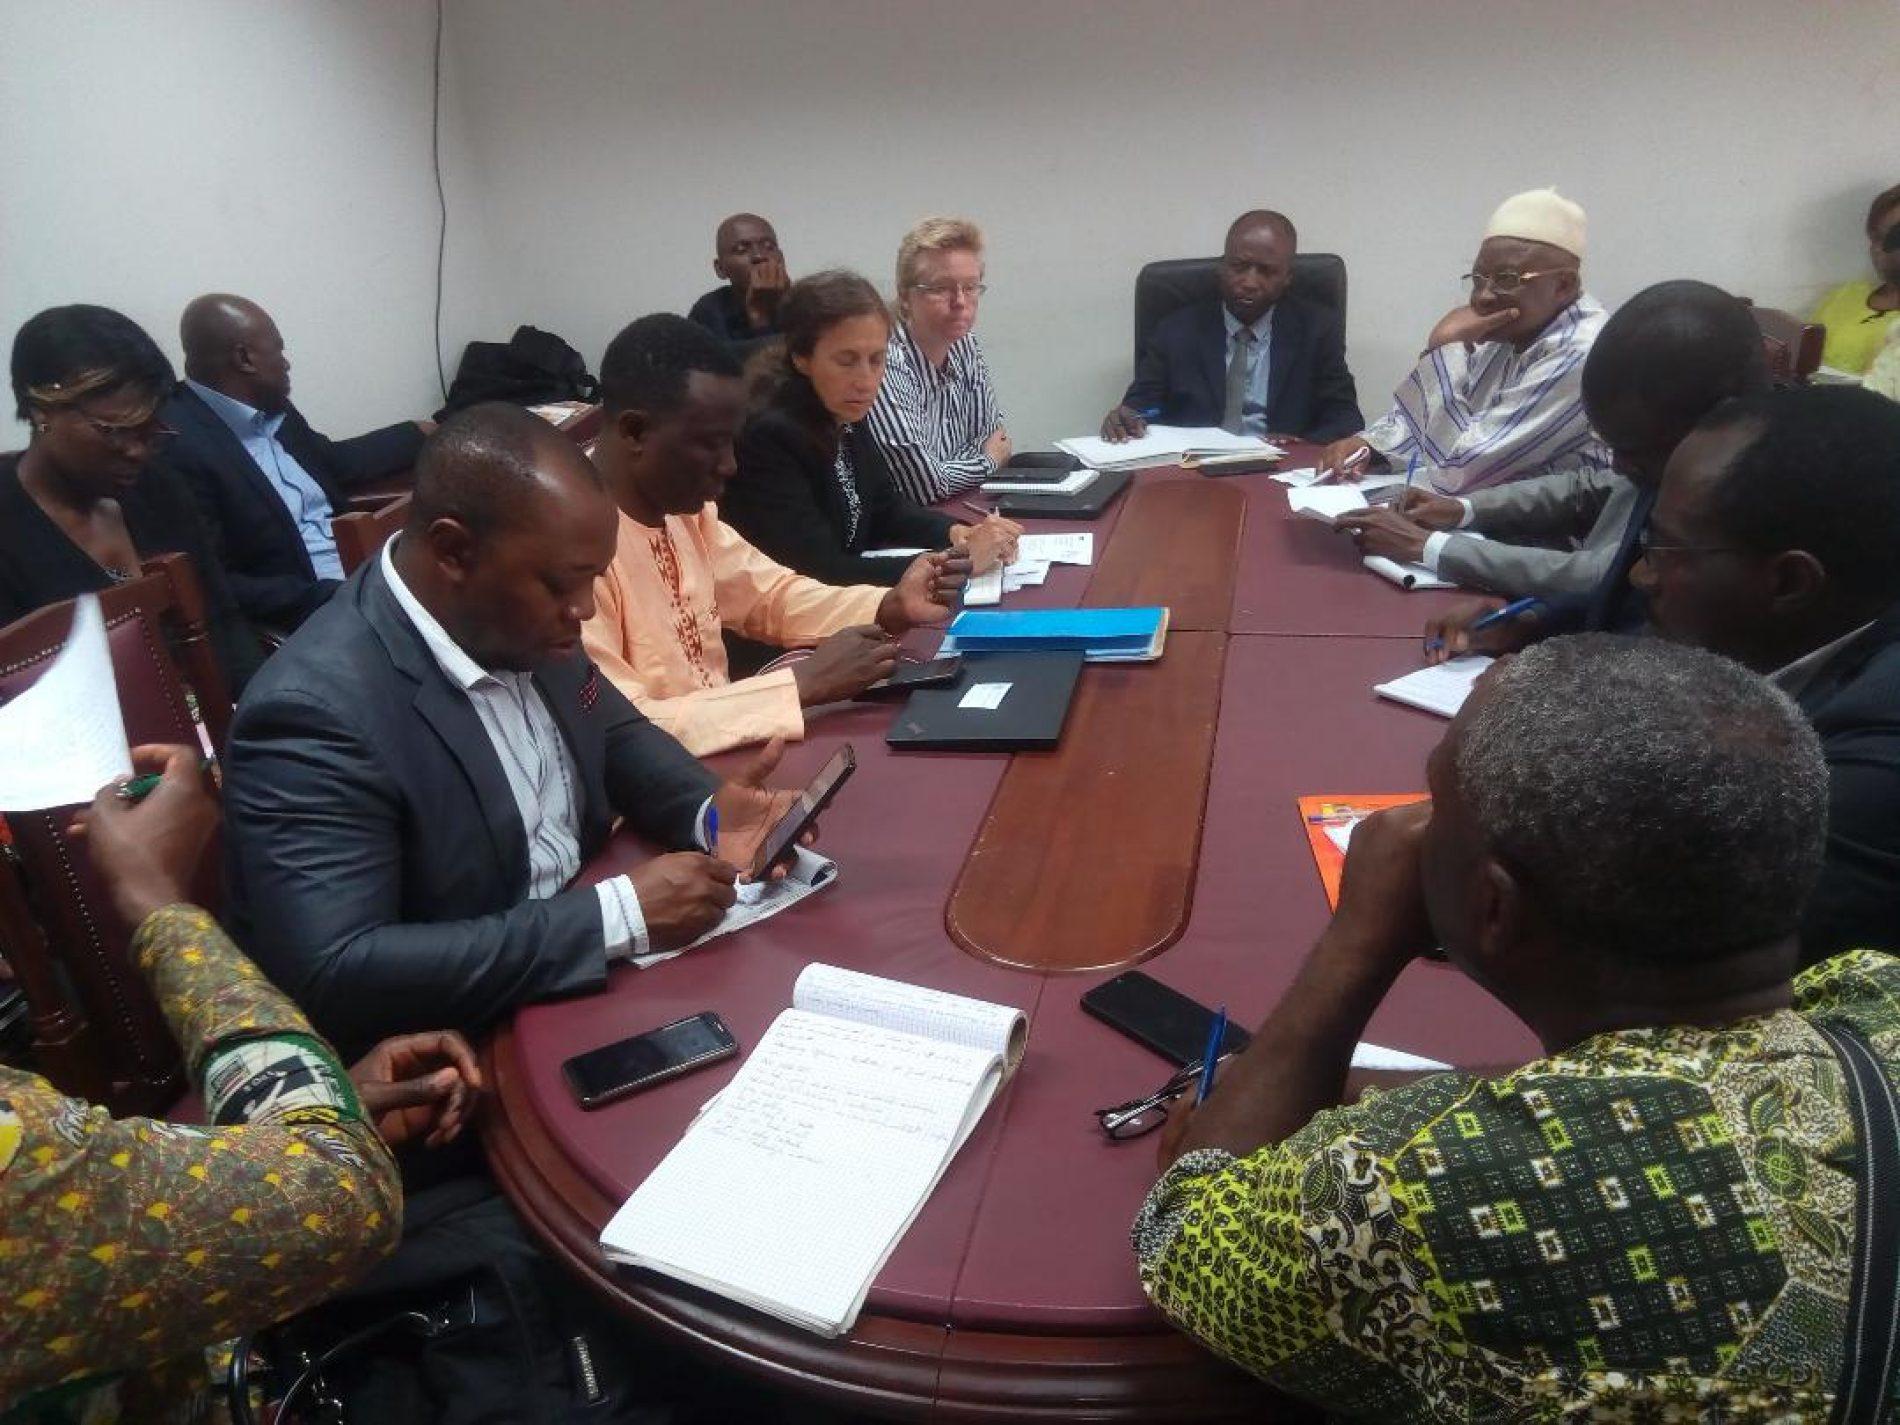 ONU-HABITAT : La Journée mondiale se prépare à Yaoundé